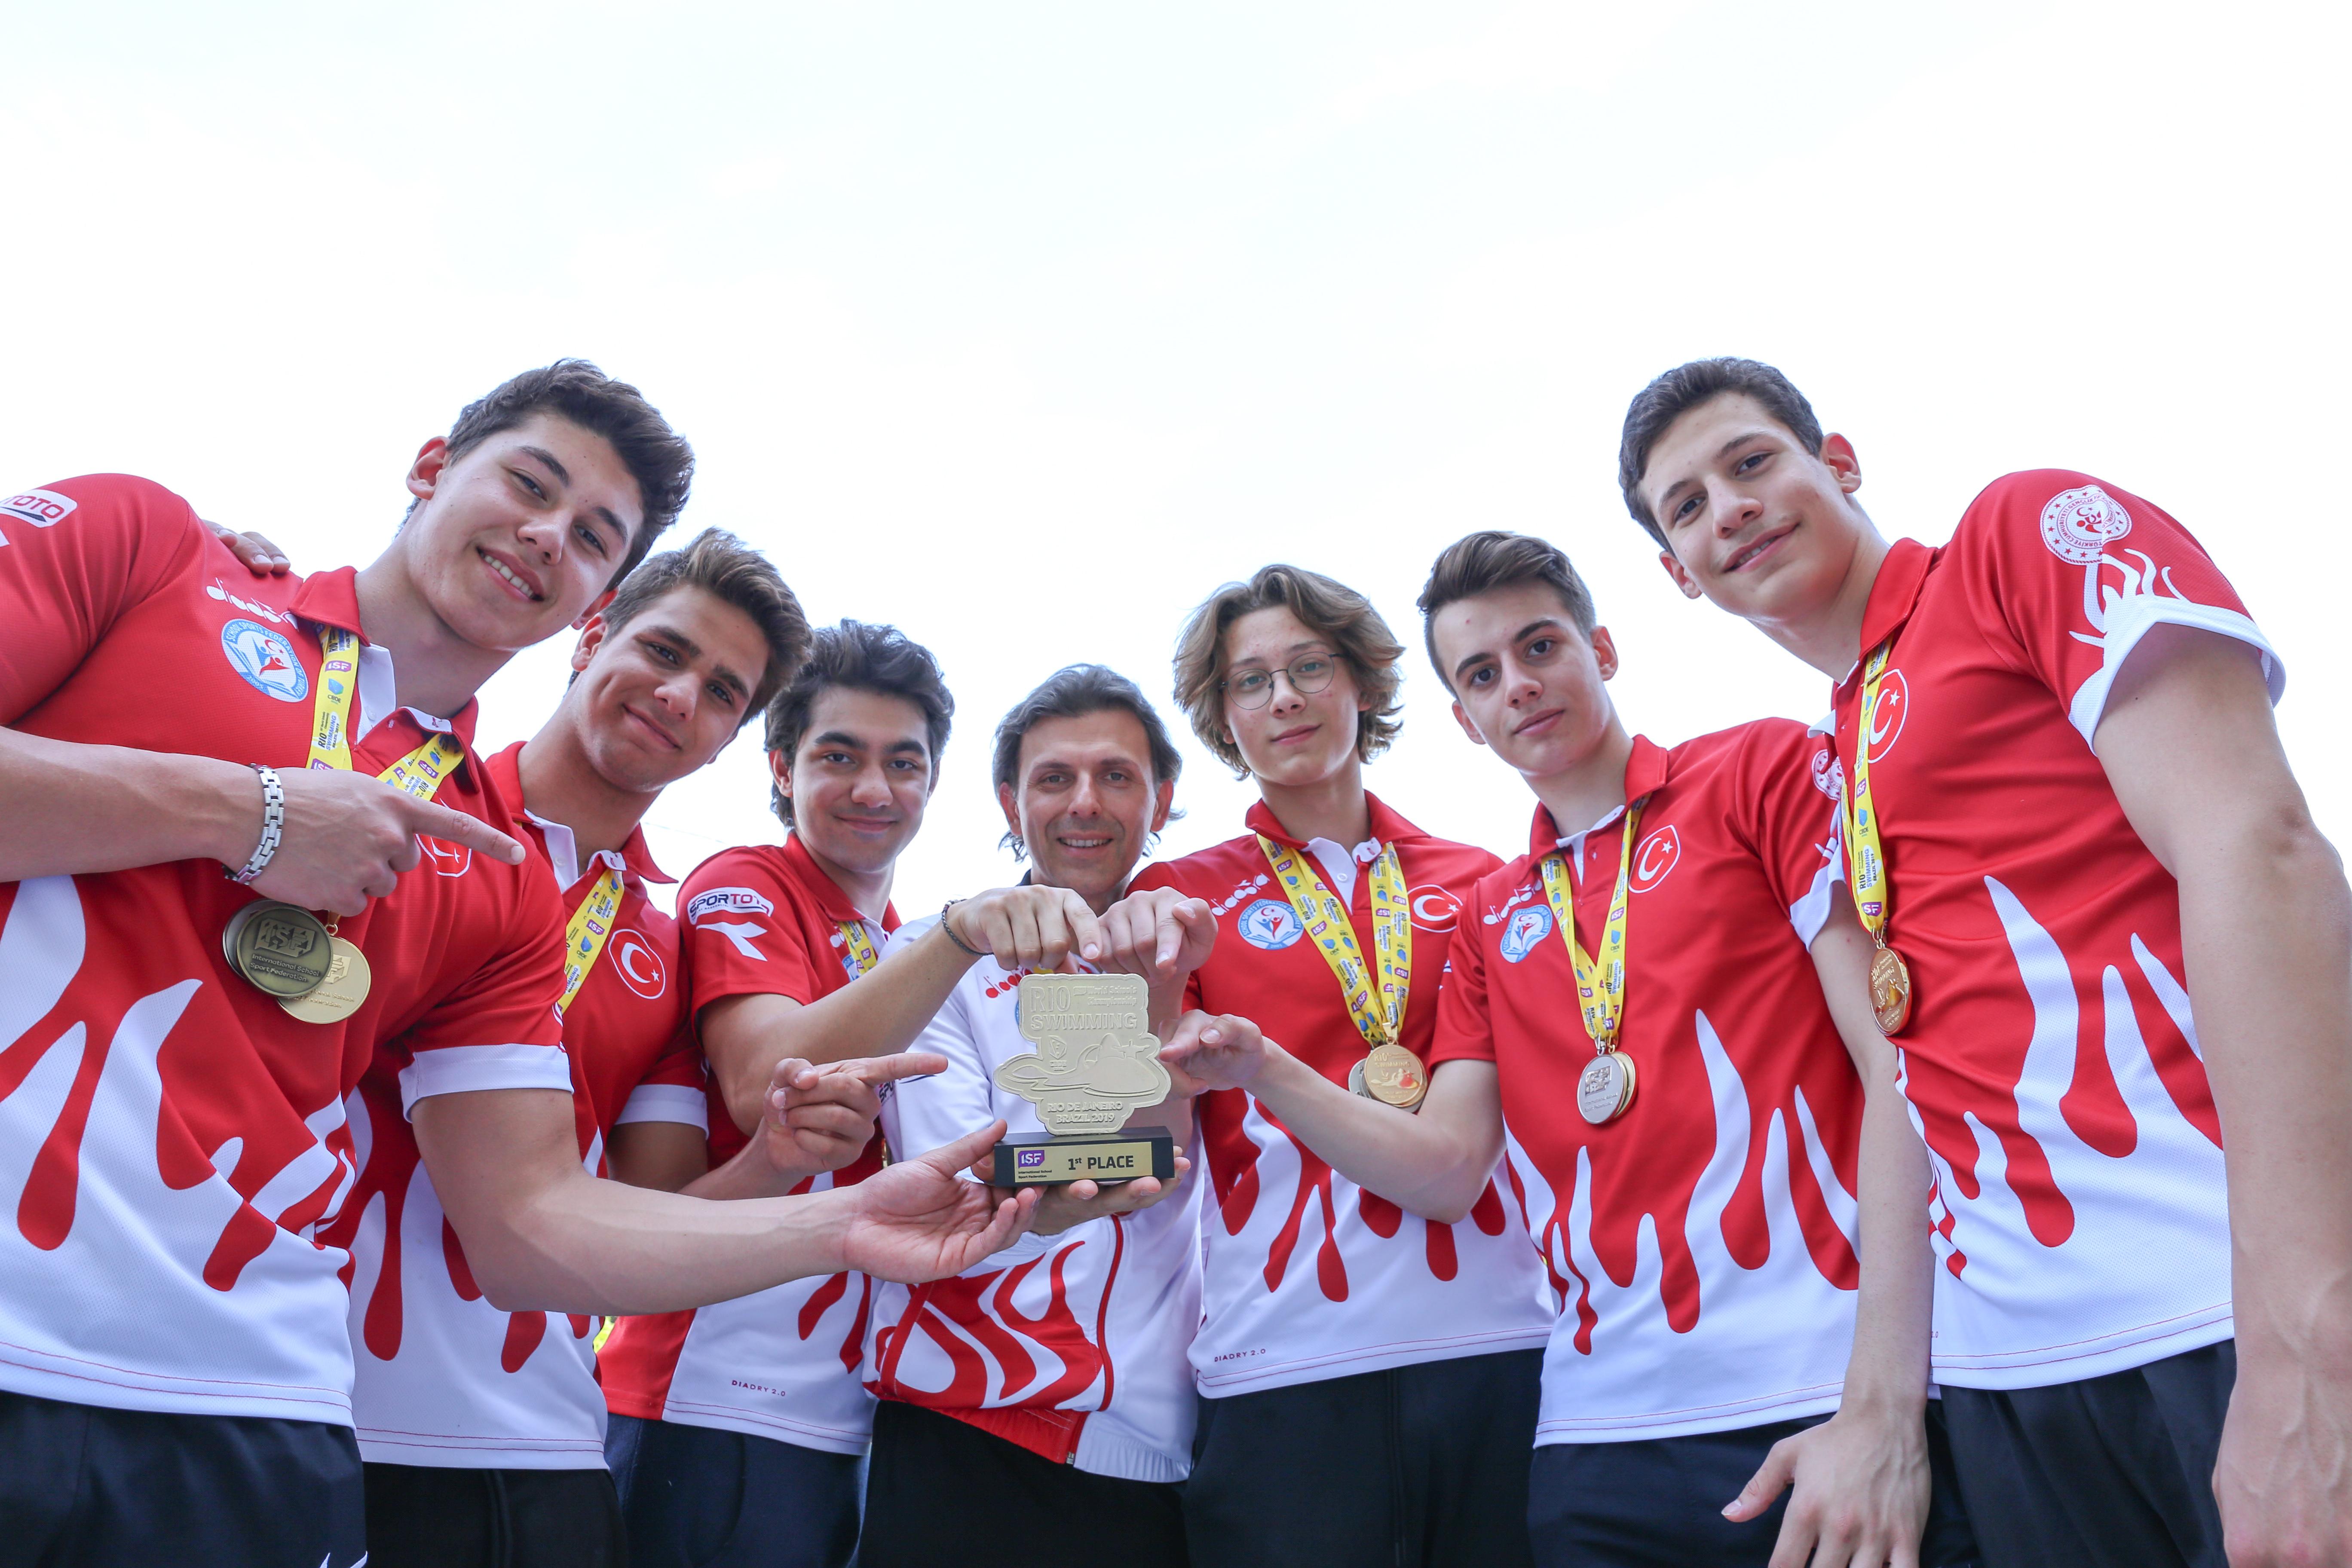 Modafen Rio de Janeiro'da 2'si altın 11 madalyayla şov yaptı